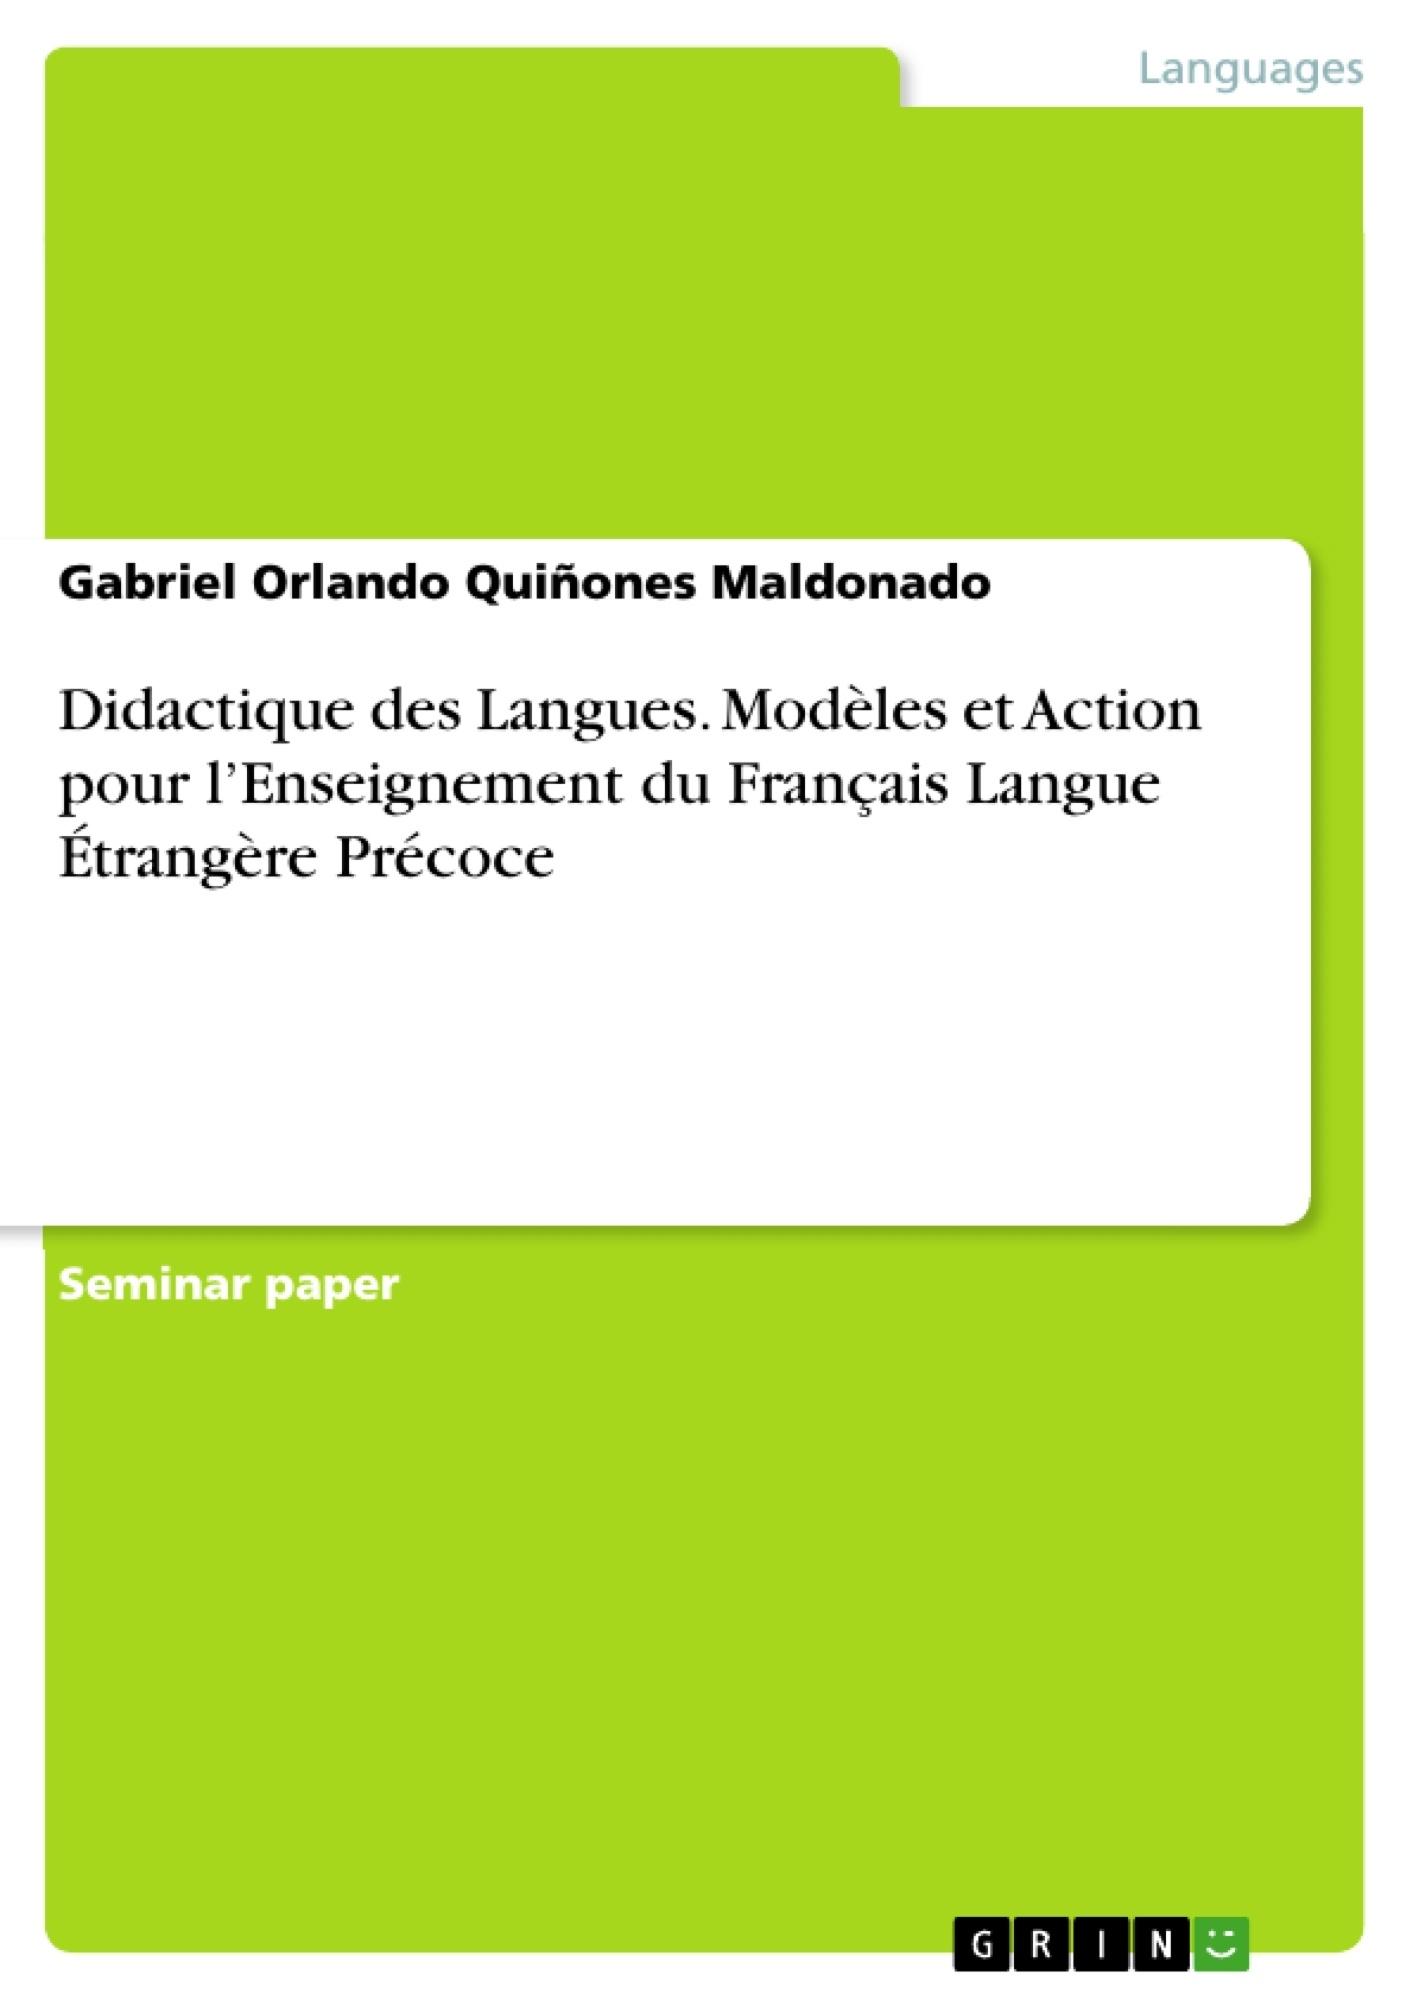 Titre: Didactique des Langues. Modèles et Action pour l'Enseignement du Français Langue Étrangère Précoce